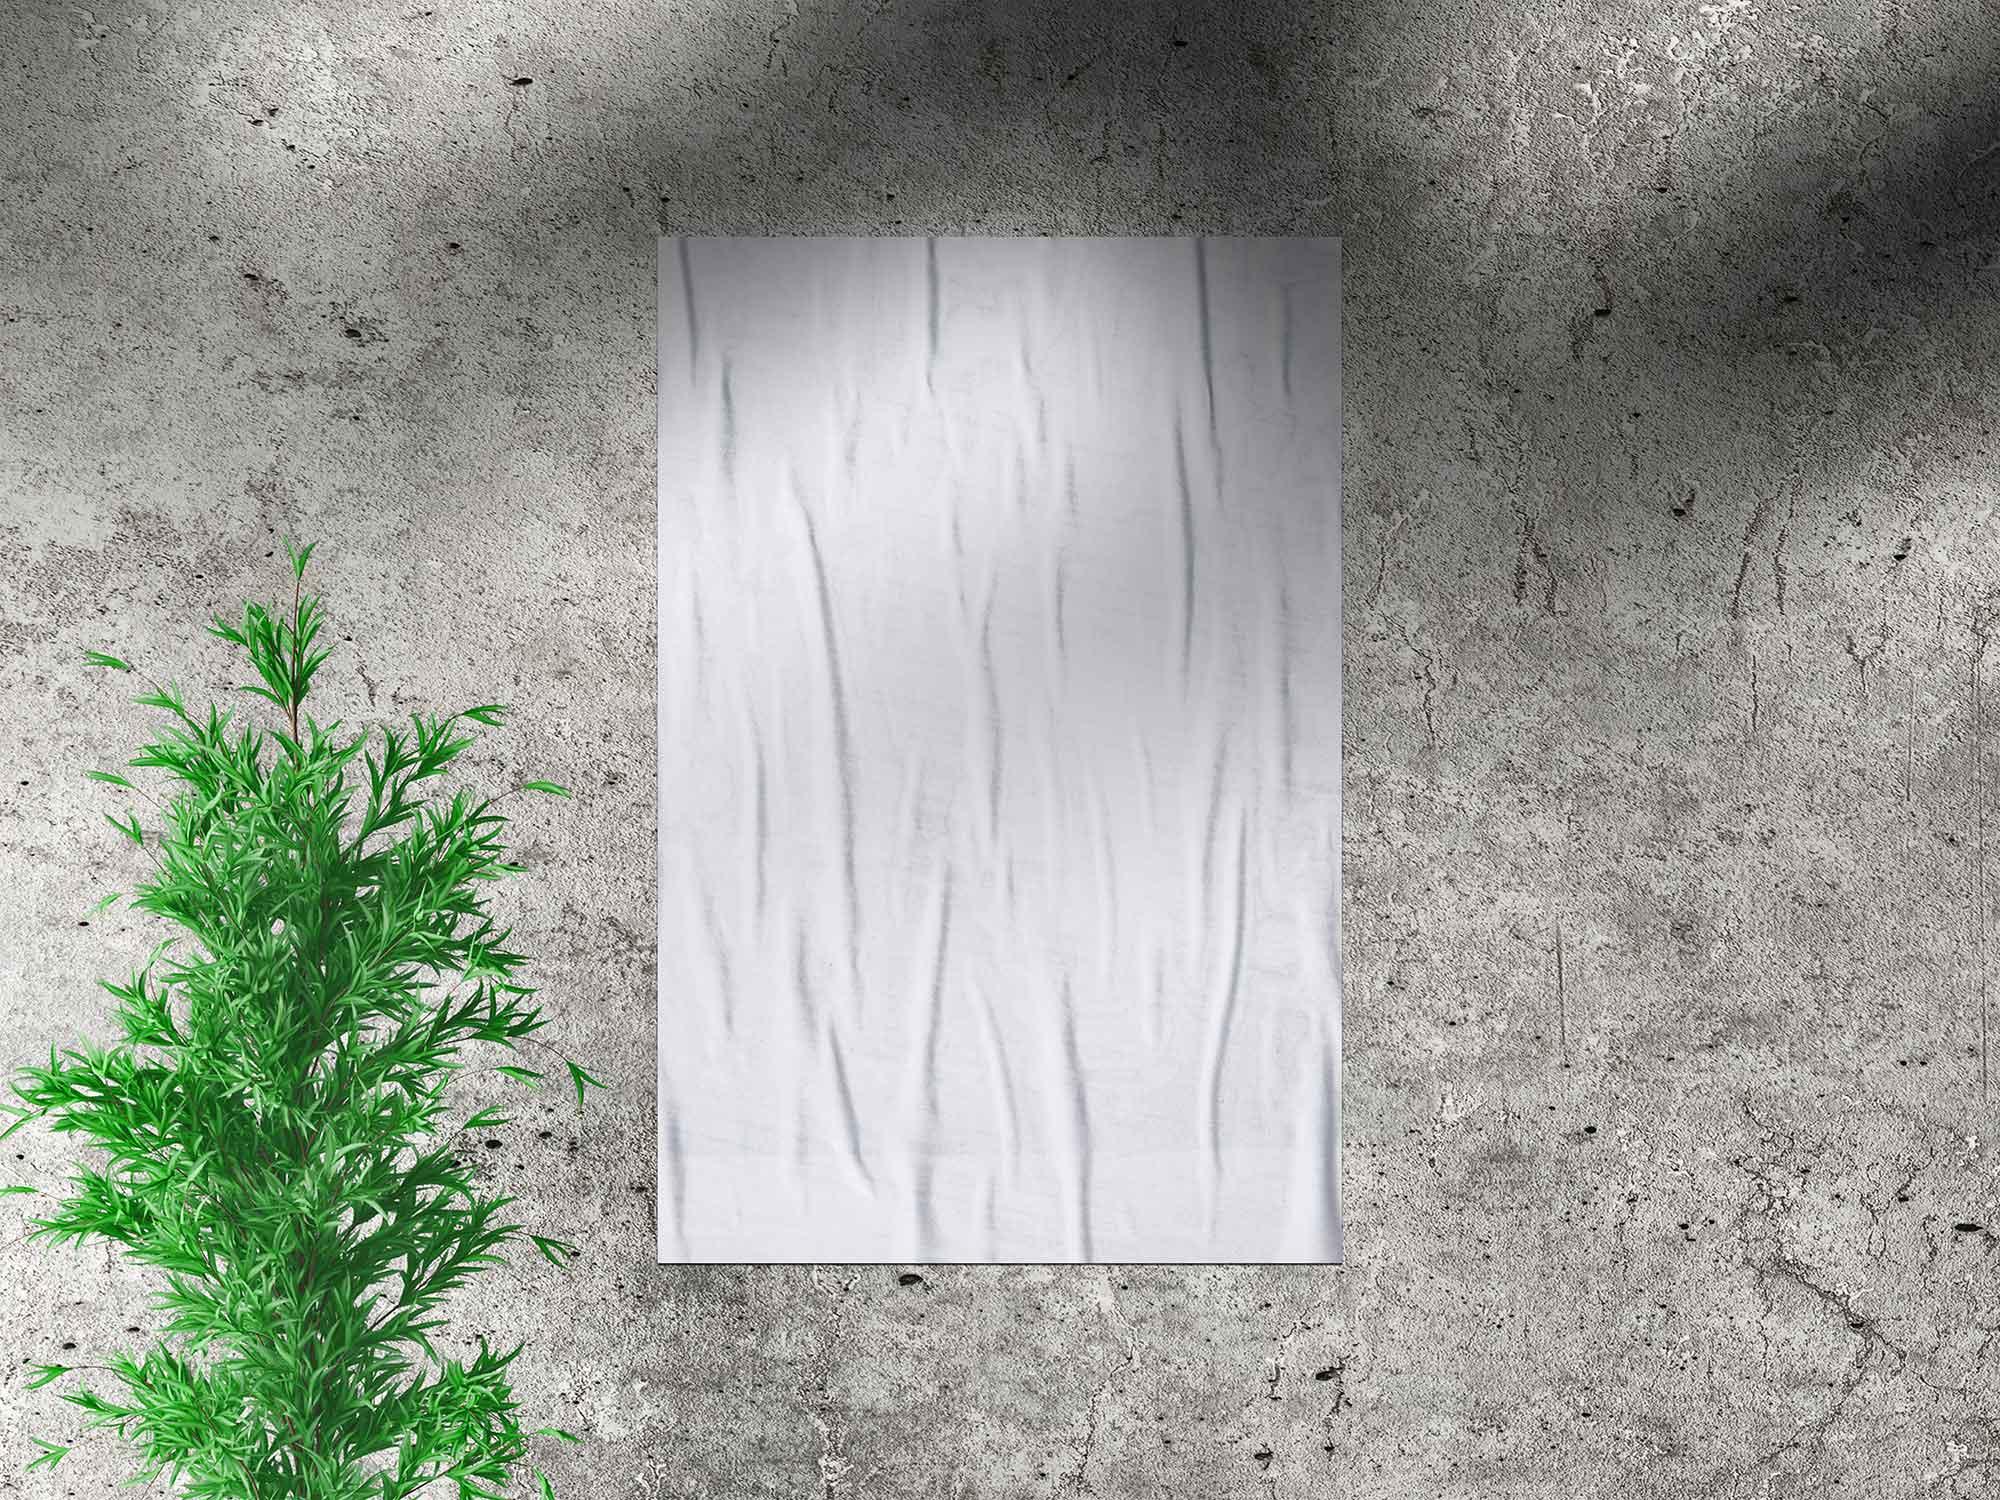 Glued Paper Poster Mockup 2